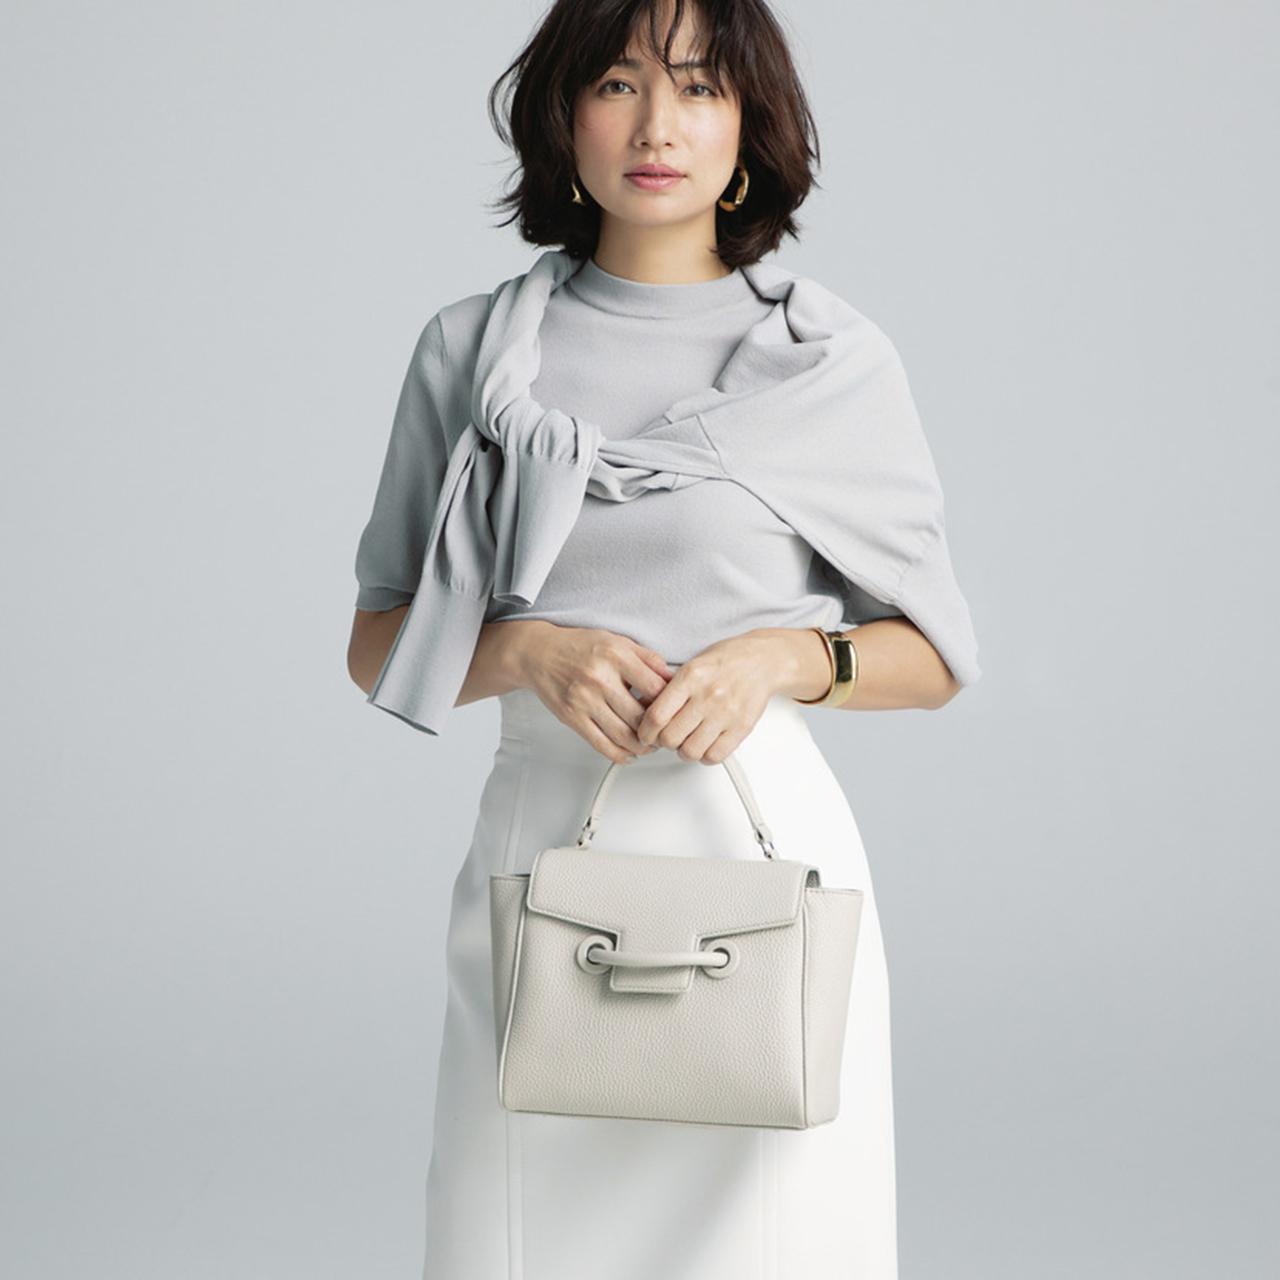 四角いバッグを持つモデルの佐田真由美さん